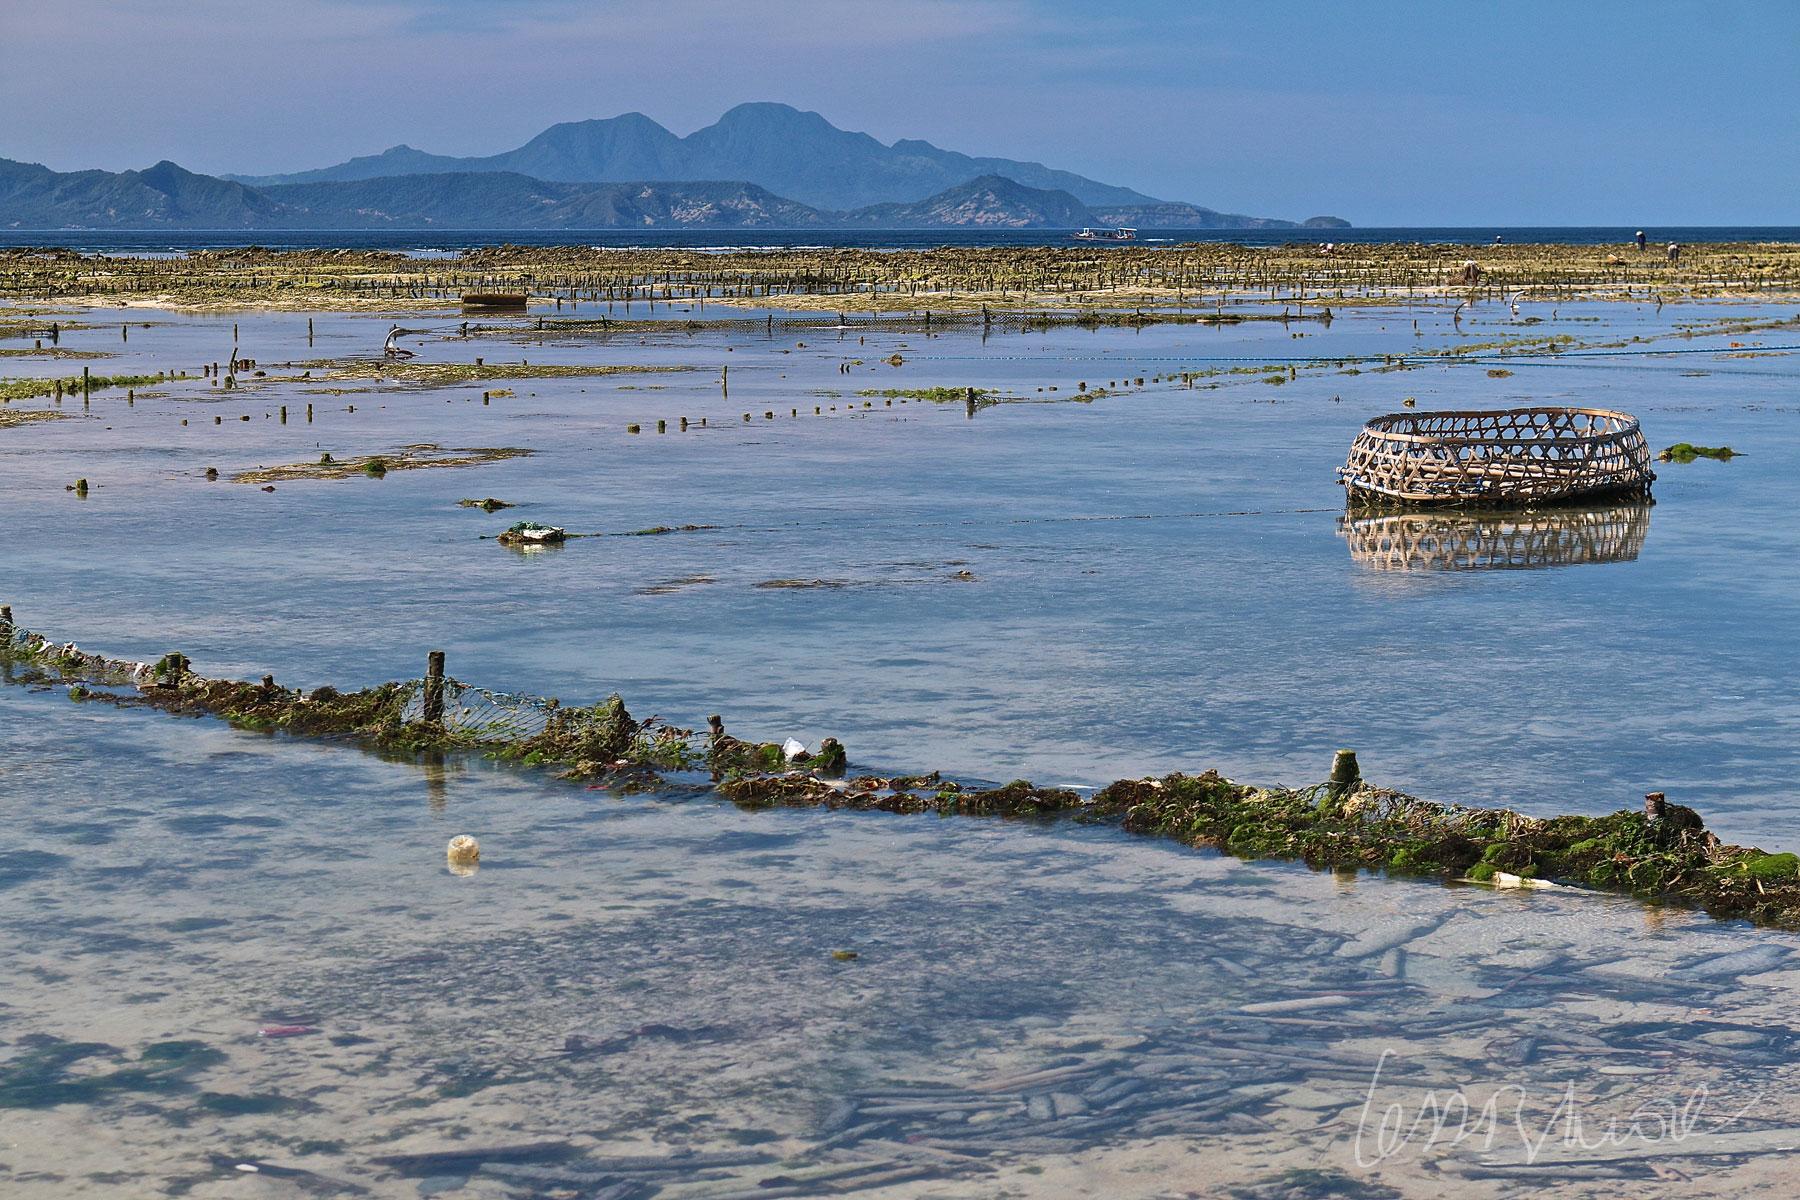 Espectacular panorámica de una granja de cultivo de algas haciéndose visible al bajar la marea con vistas al imponente Gunung Agung en Bali. Fotografía hecha en Nusa Lembongan, Indonesia.   Cl      ick + info >